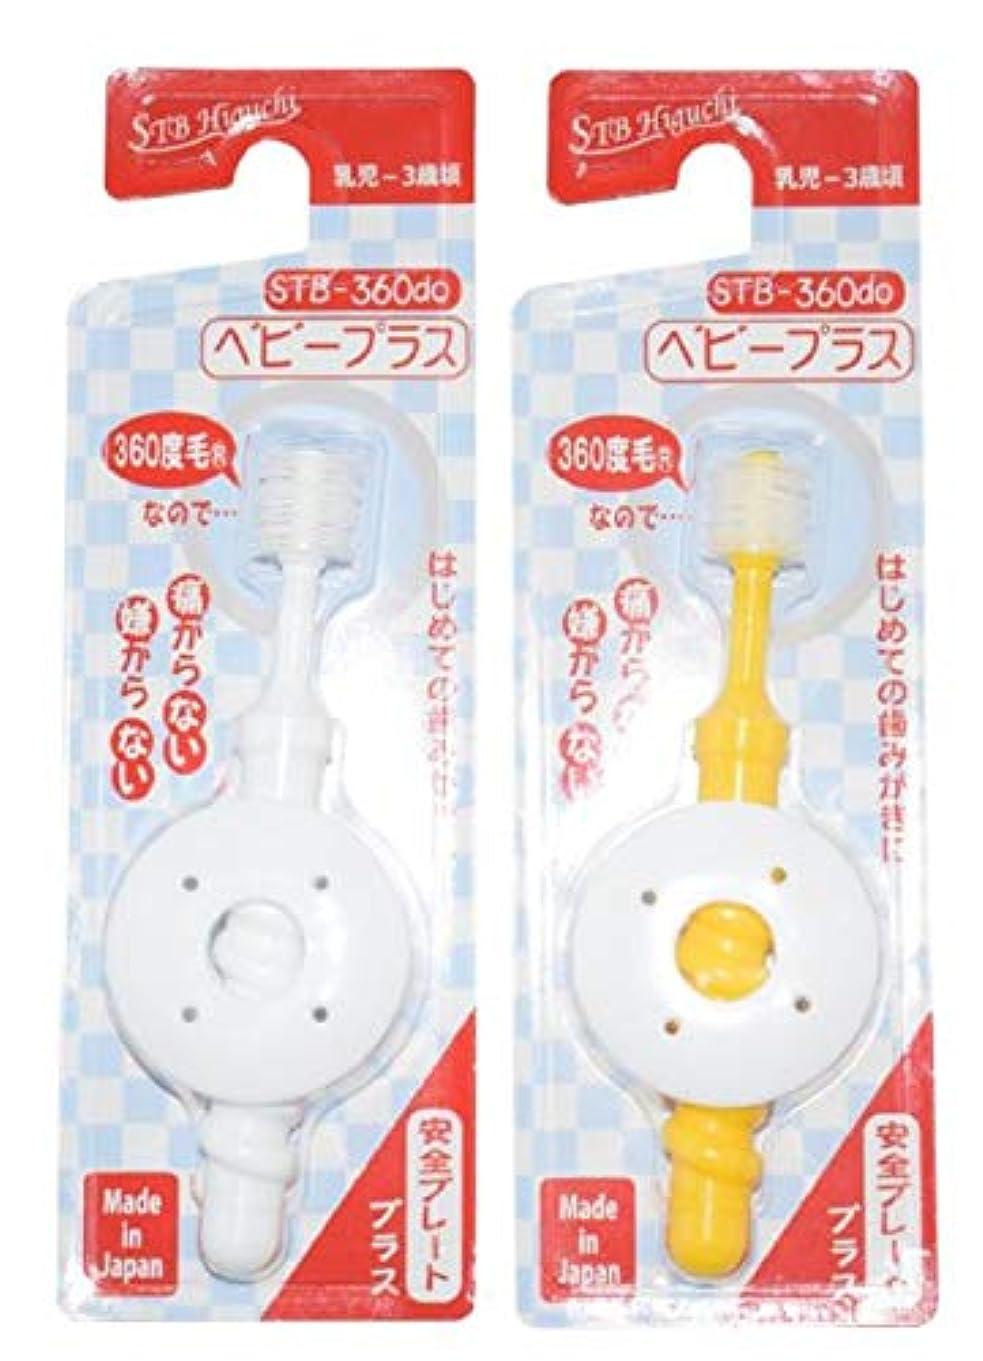 主消費する破滅的なSTB-360do ベビープラス 2本セット 喉付き防止 安全パーツ付き幼児用